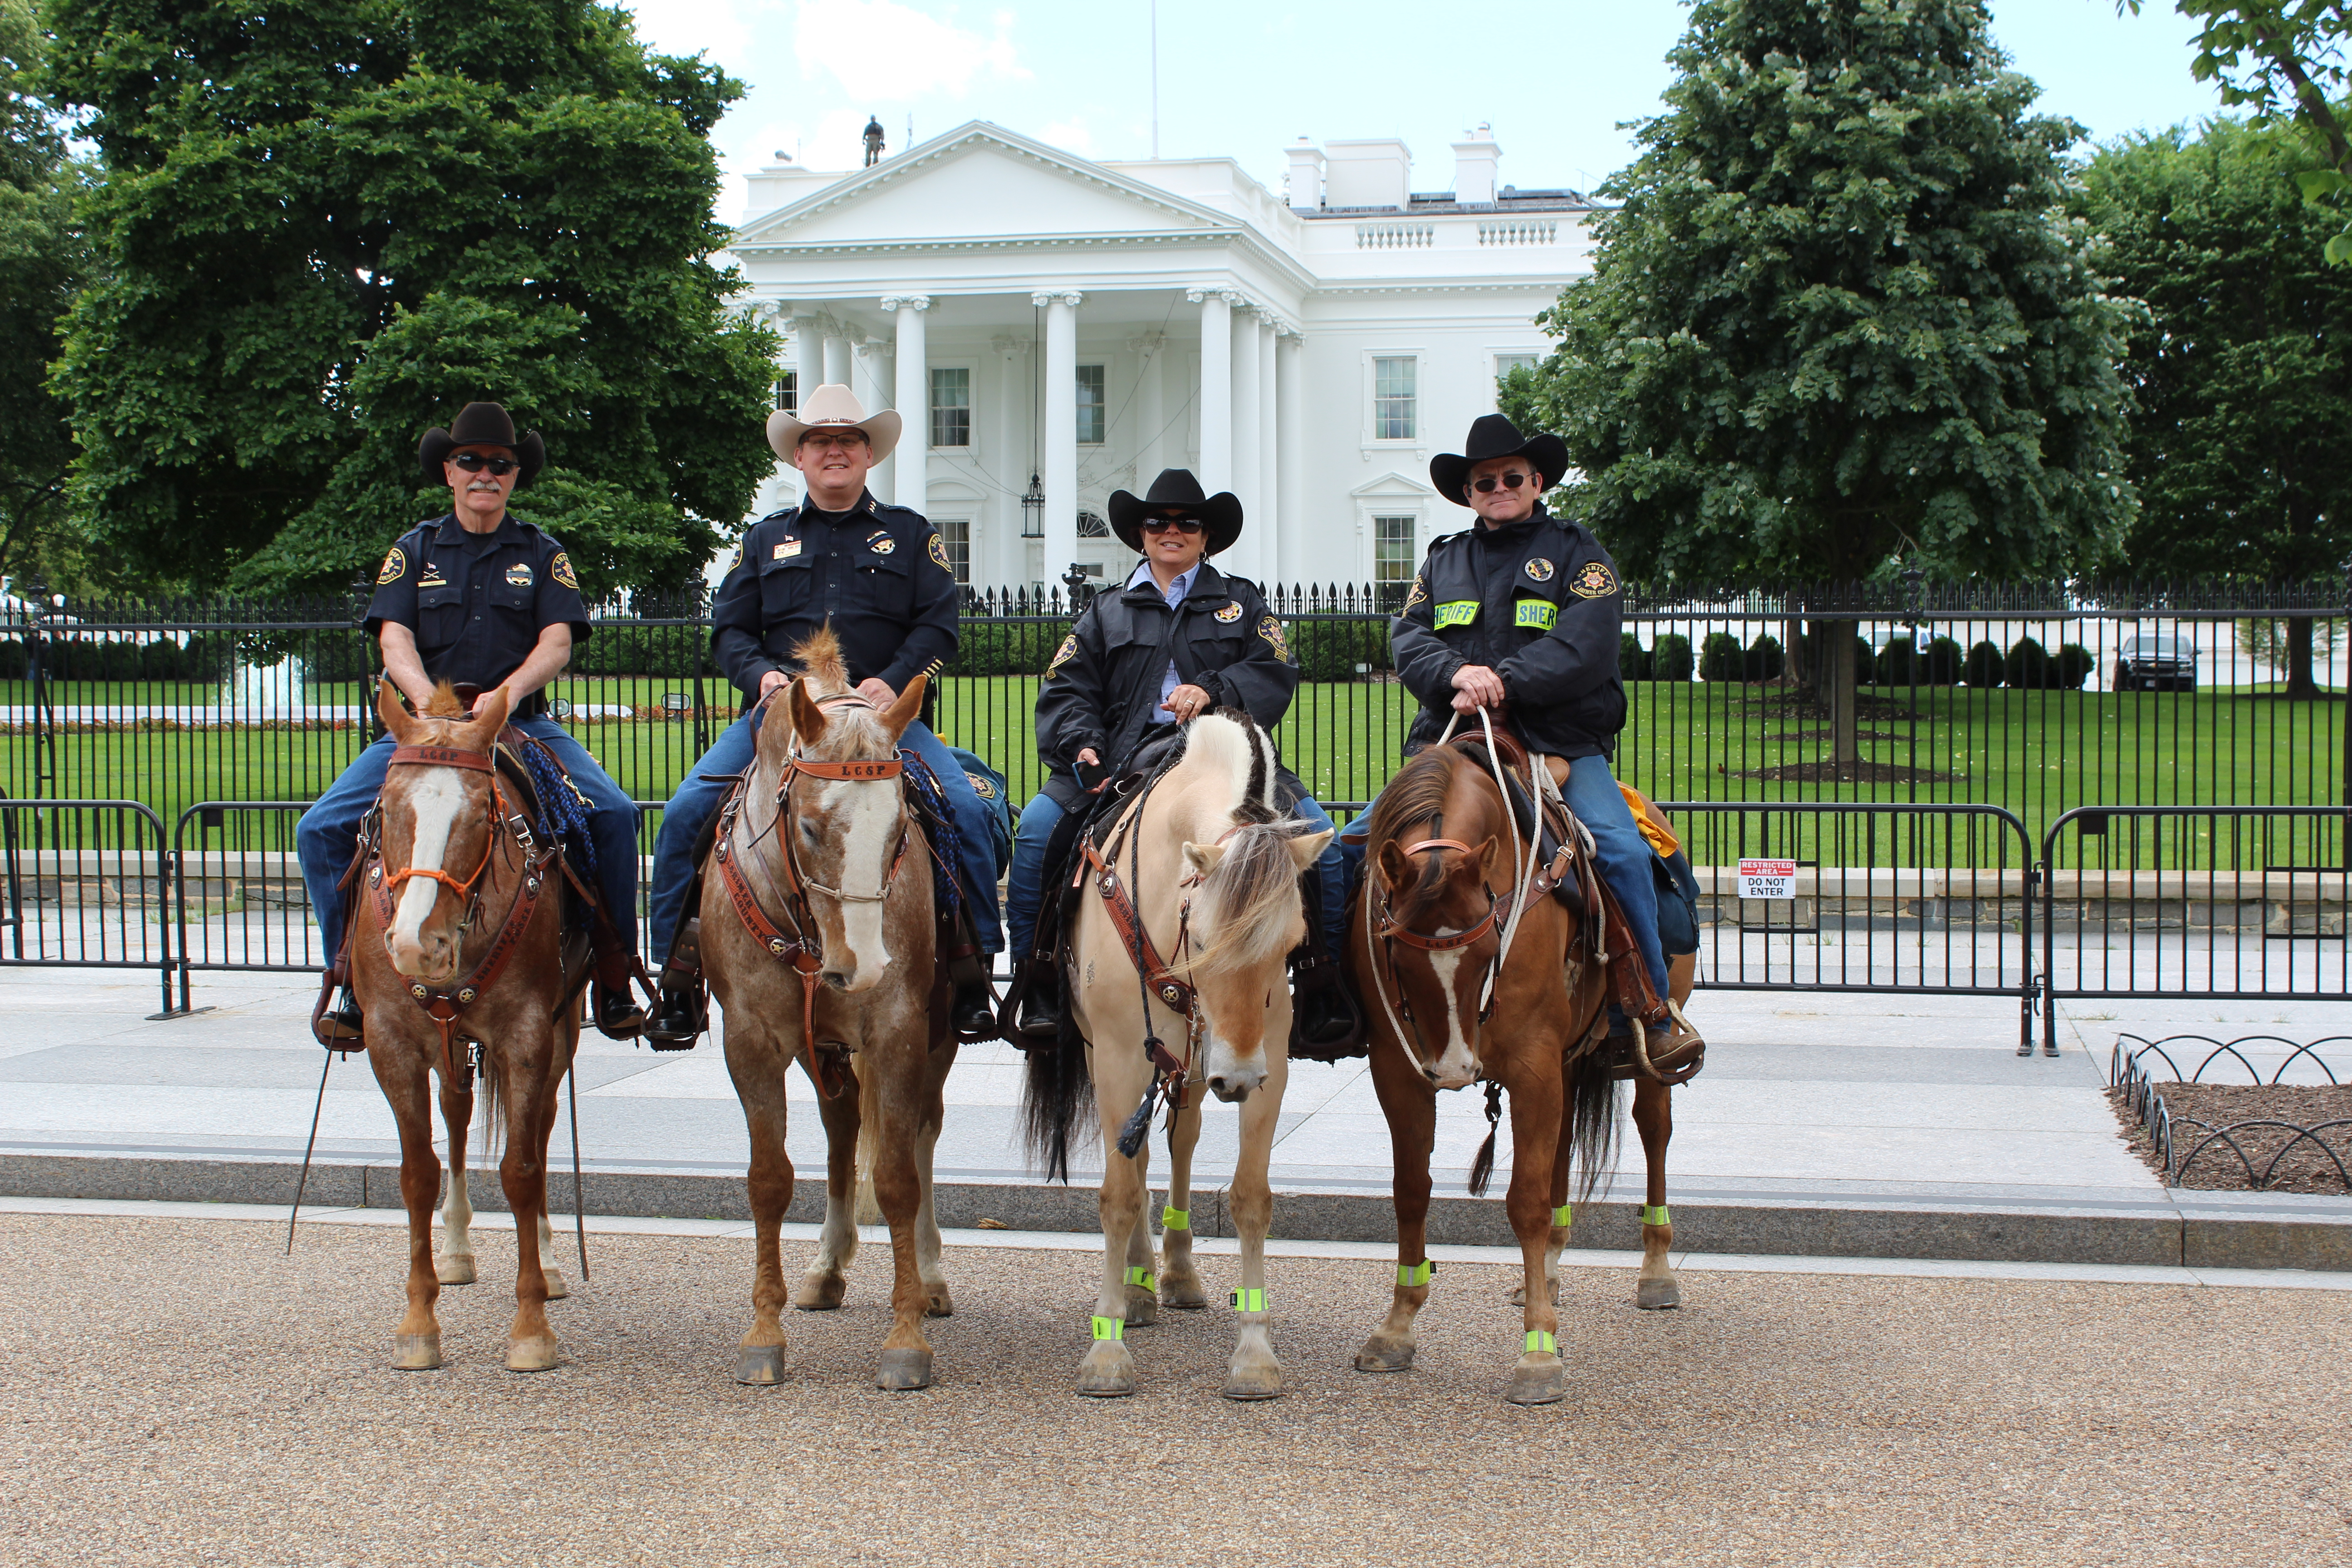 Imagen 14: Posse del Sheriff